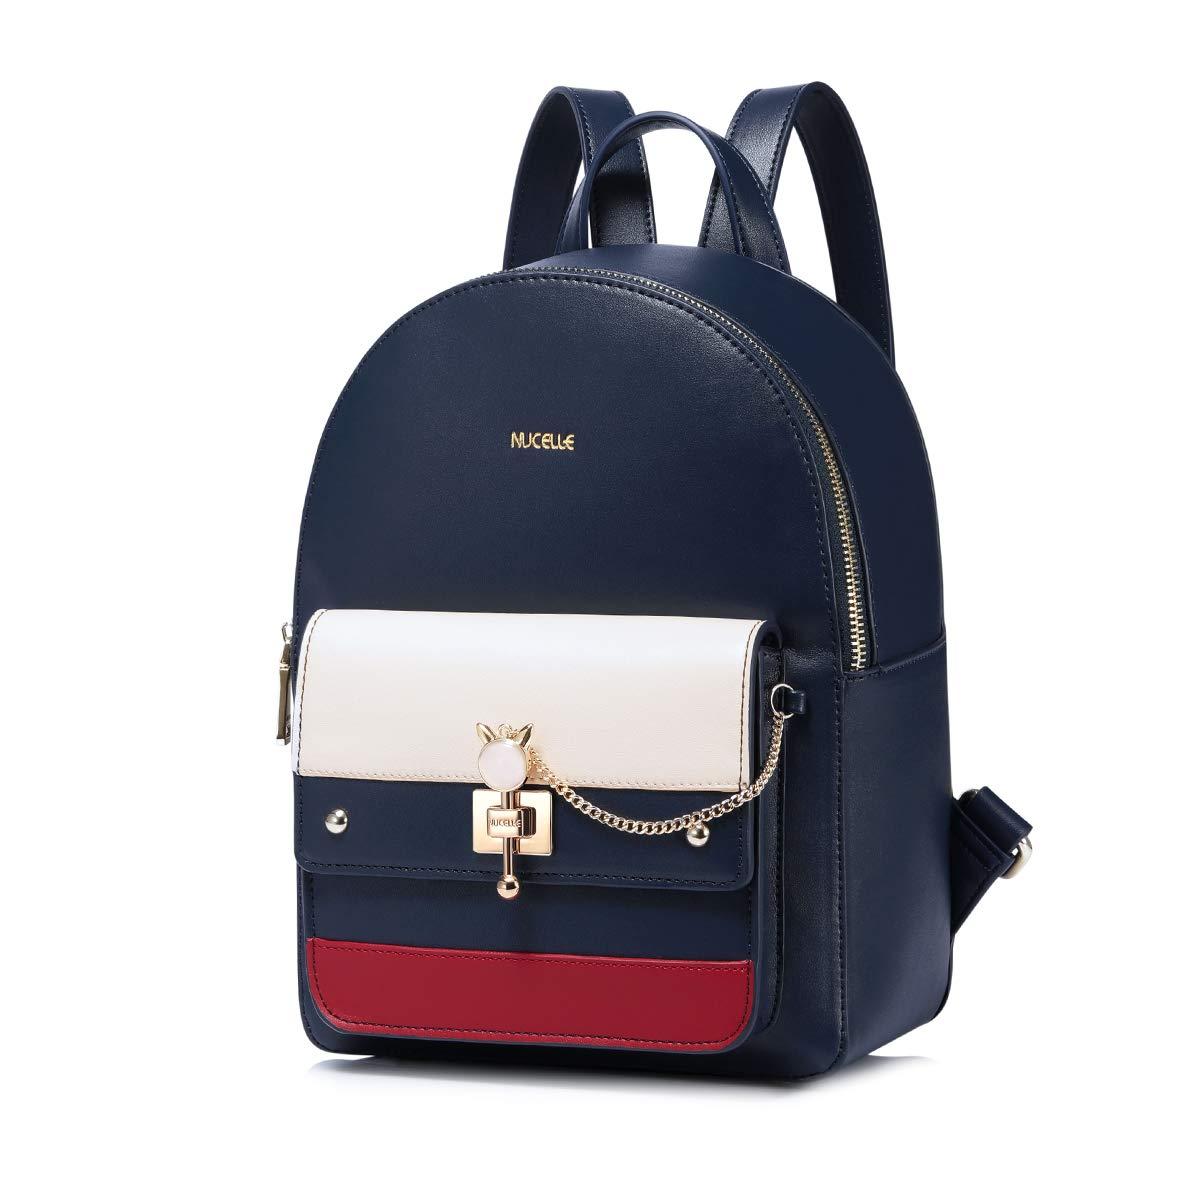 ニュージーランドの女の子のバックパックの女性のショルダーバッグファッションコントラストカラーモザイク韓国語バージョンの大学レジャー旅行の女の子のバッグ